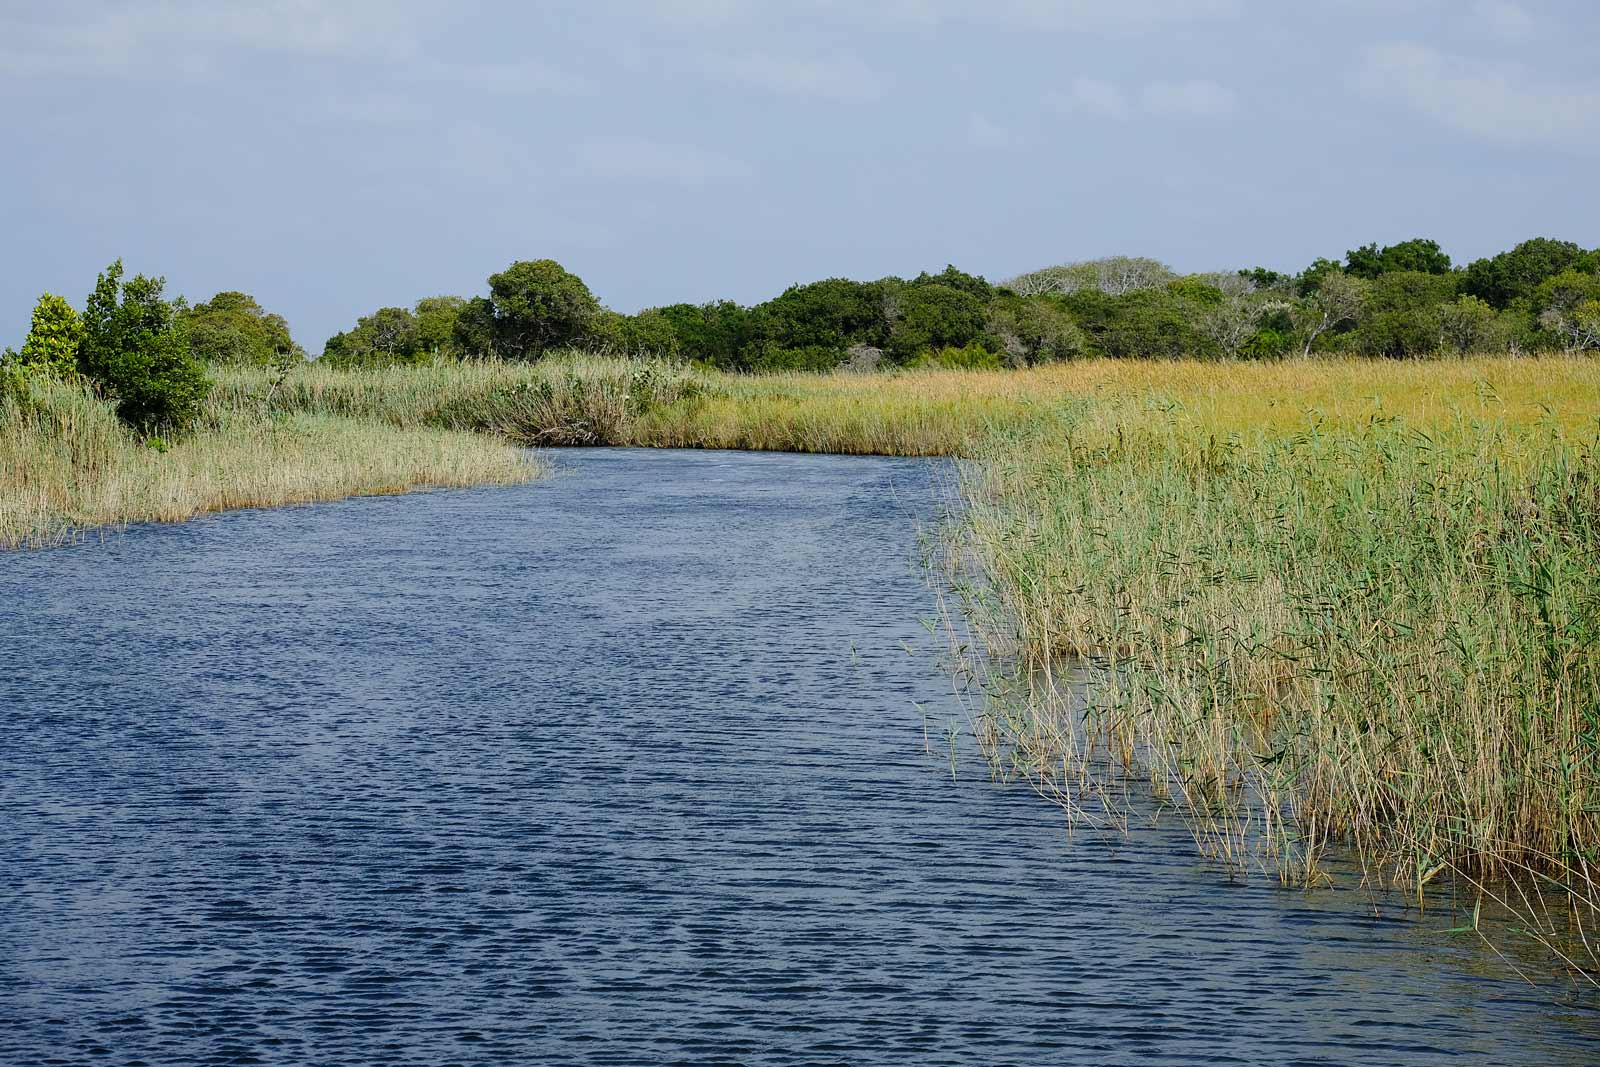 Wasserweg zwischen grünem Schilf in der Kosi Bay, Kwazulu Natal